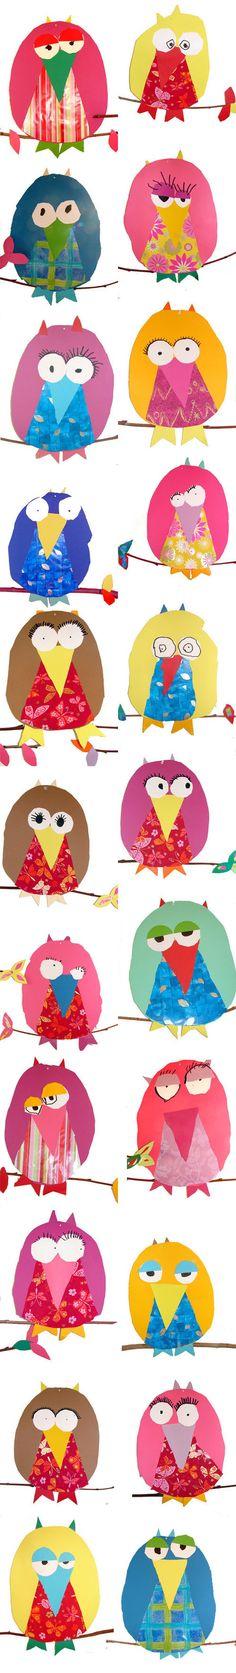 """Après les fabuleux Hiboux de Courroux... Les Poules ! """"Bricolage-oeuvre d'art"""" réalisés pour Pâques, (encore et toujours) par les talentueux élèves de Crystel... et en plus j'ai le grand, l'immense plaisir d'en avoir reçue une en cadeau !!!!! :-) Merci les enfants et Merci Crystel !! Je vous envois plein de GROS bisous."""